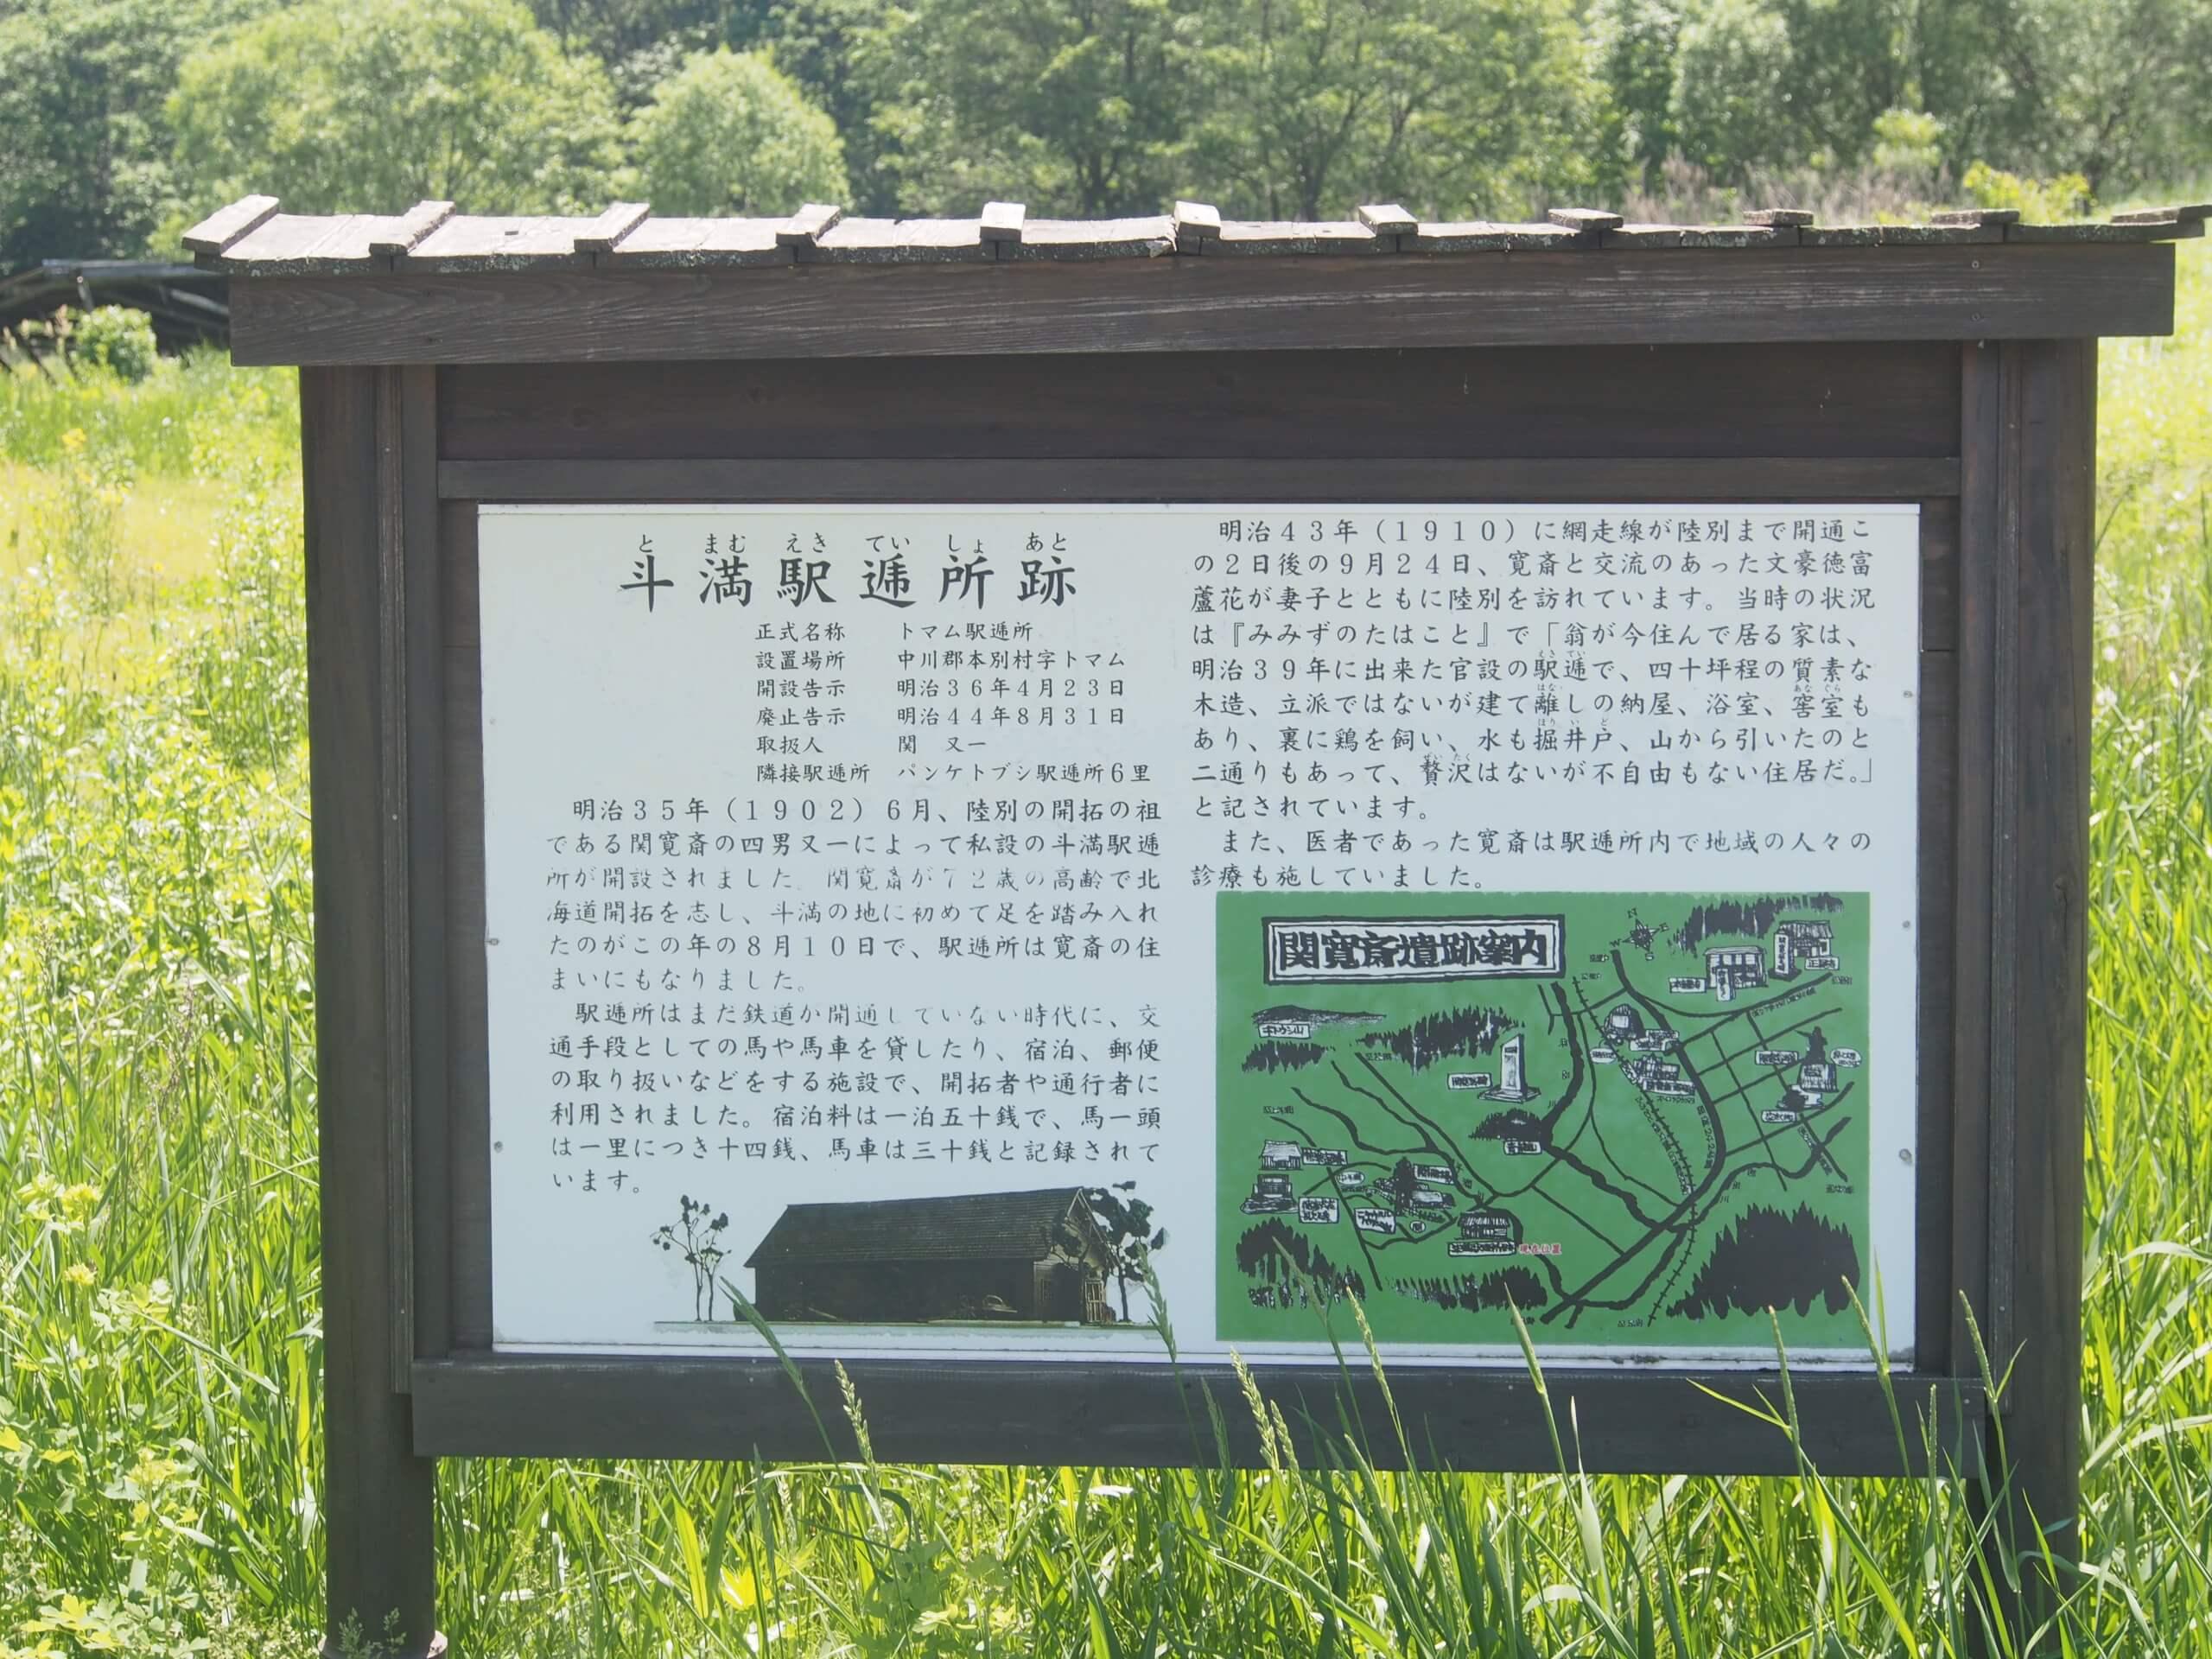 斗満川ニジマス釣り